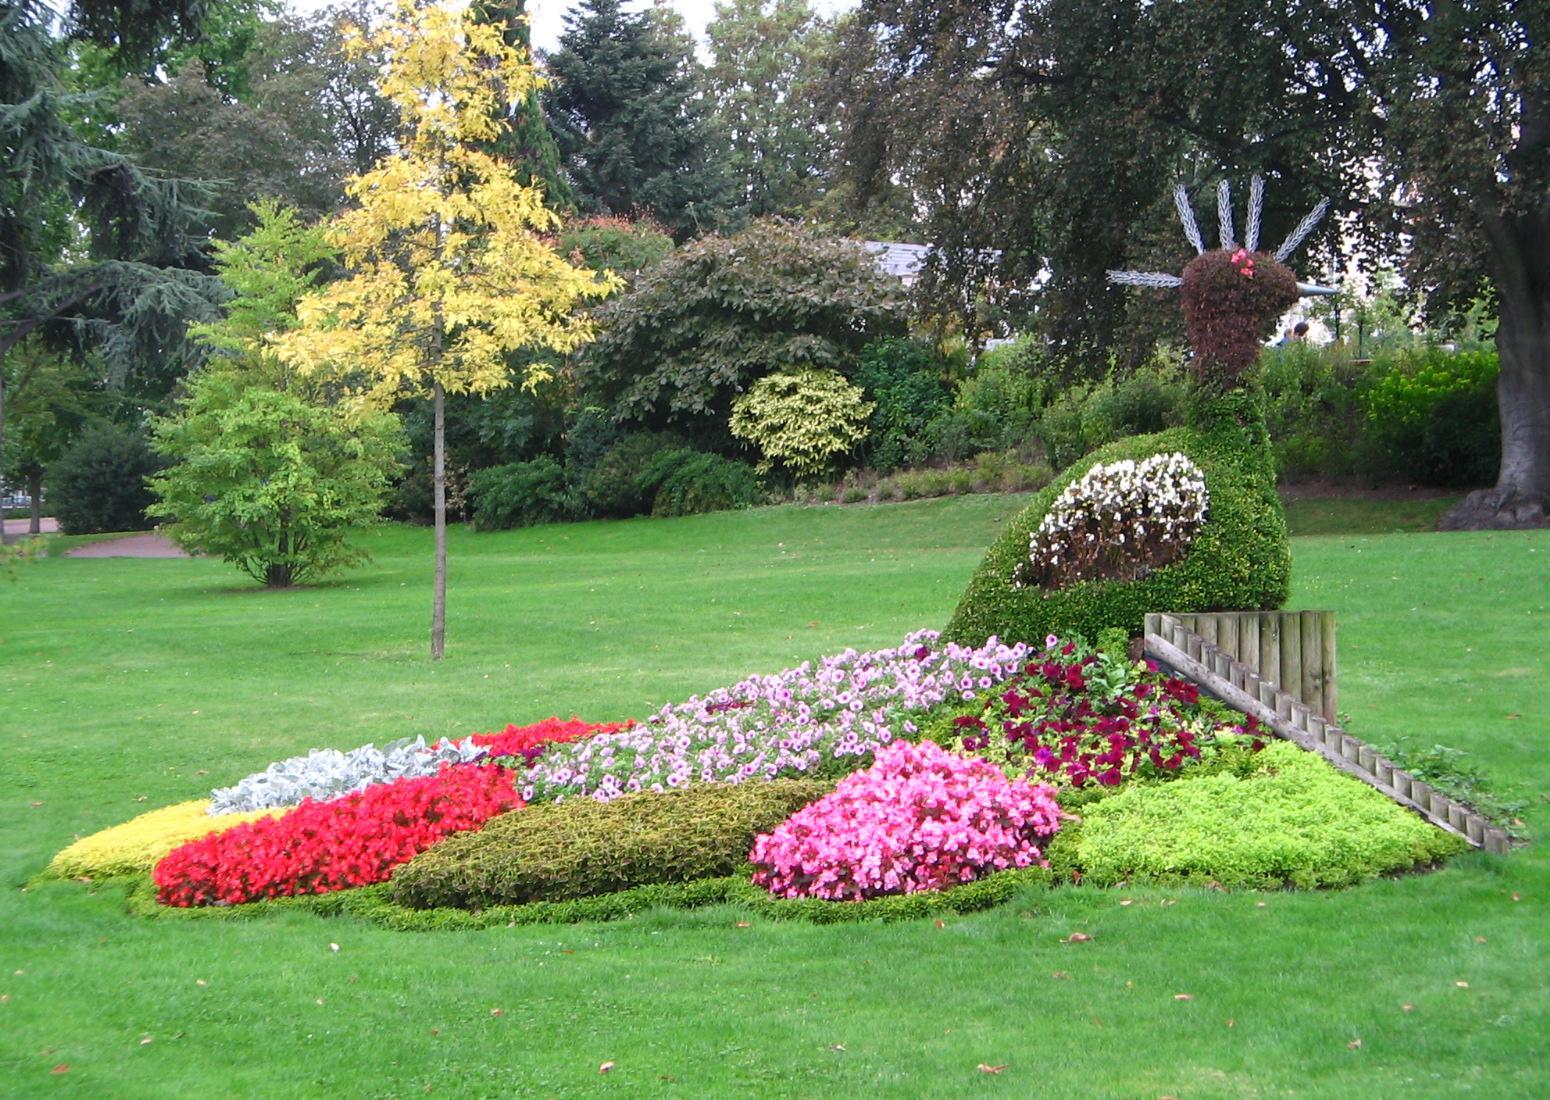 Jardin lecoq clermont ferrand - Massif jardin japonais clermont ferrand ...